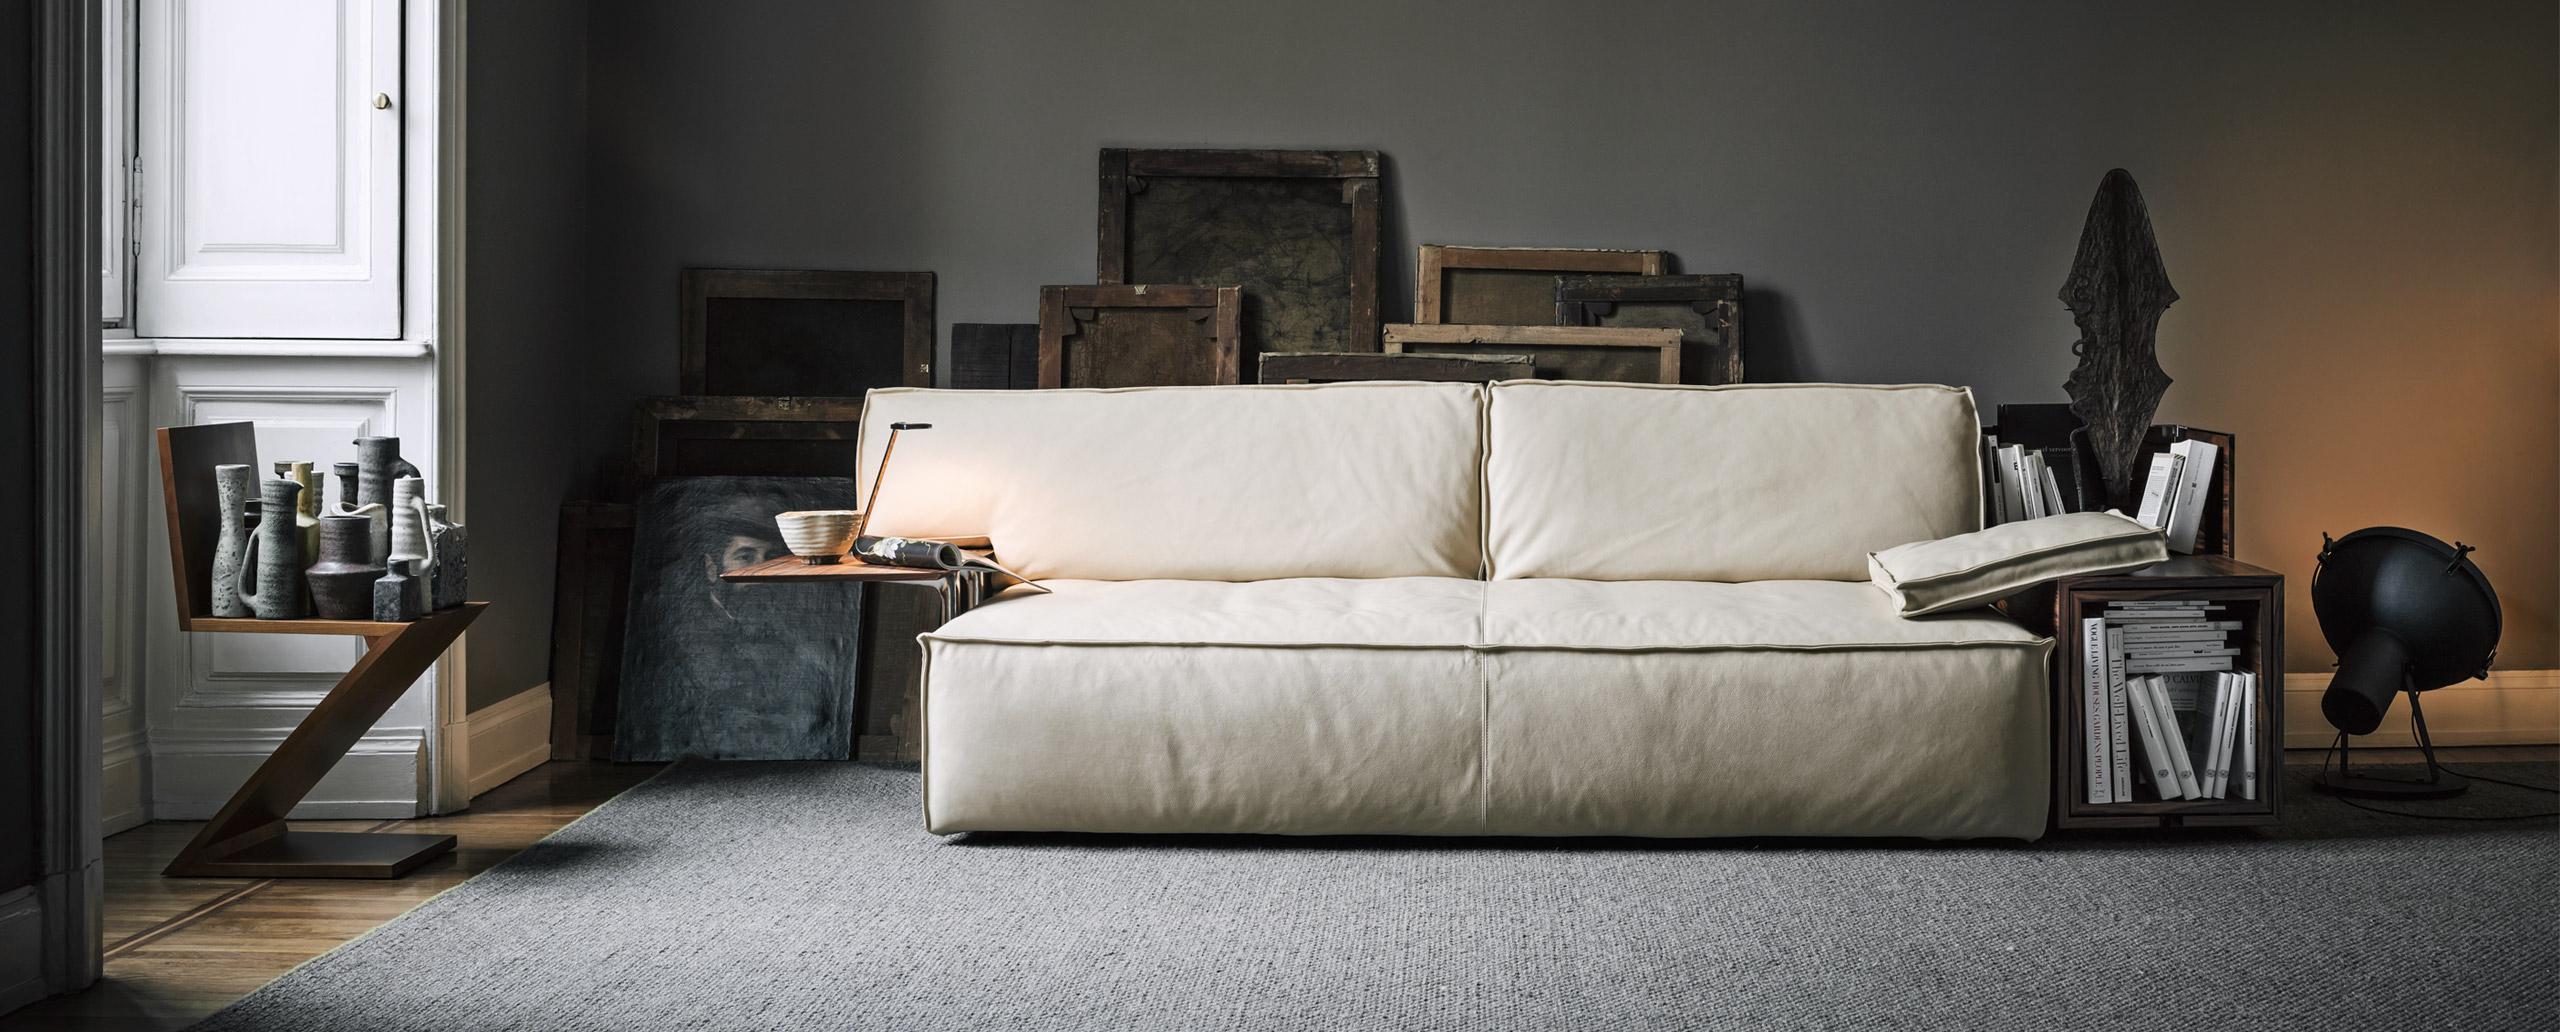 canap s fauteuils meubles design mobilier et. Black Bedroom Furniture Sets. Home Design Ideas